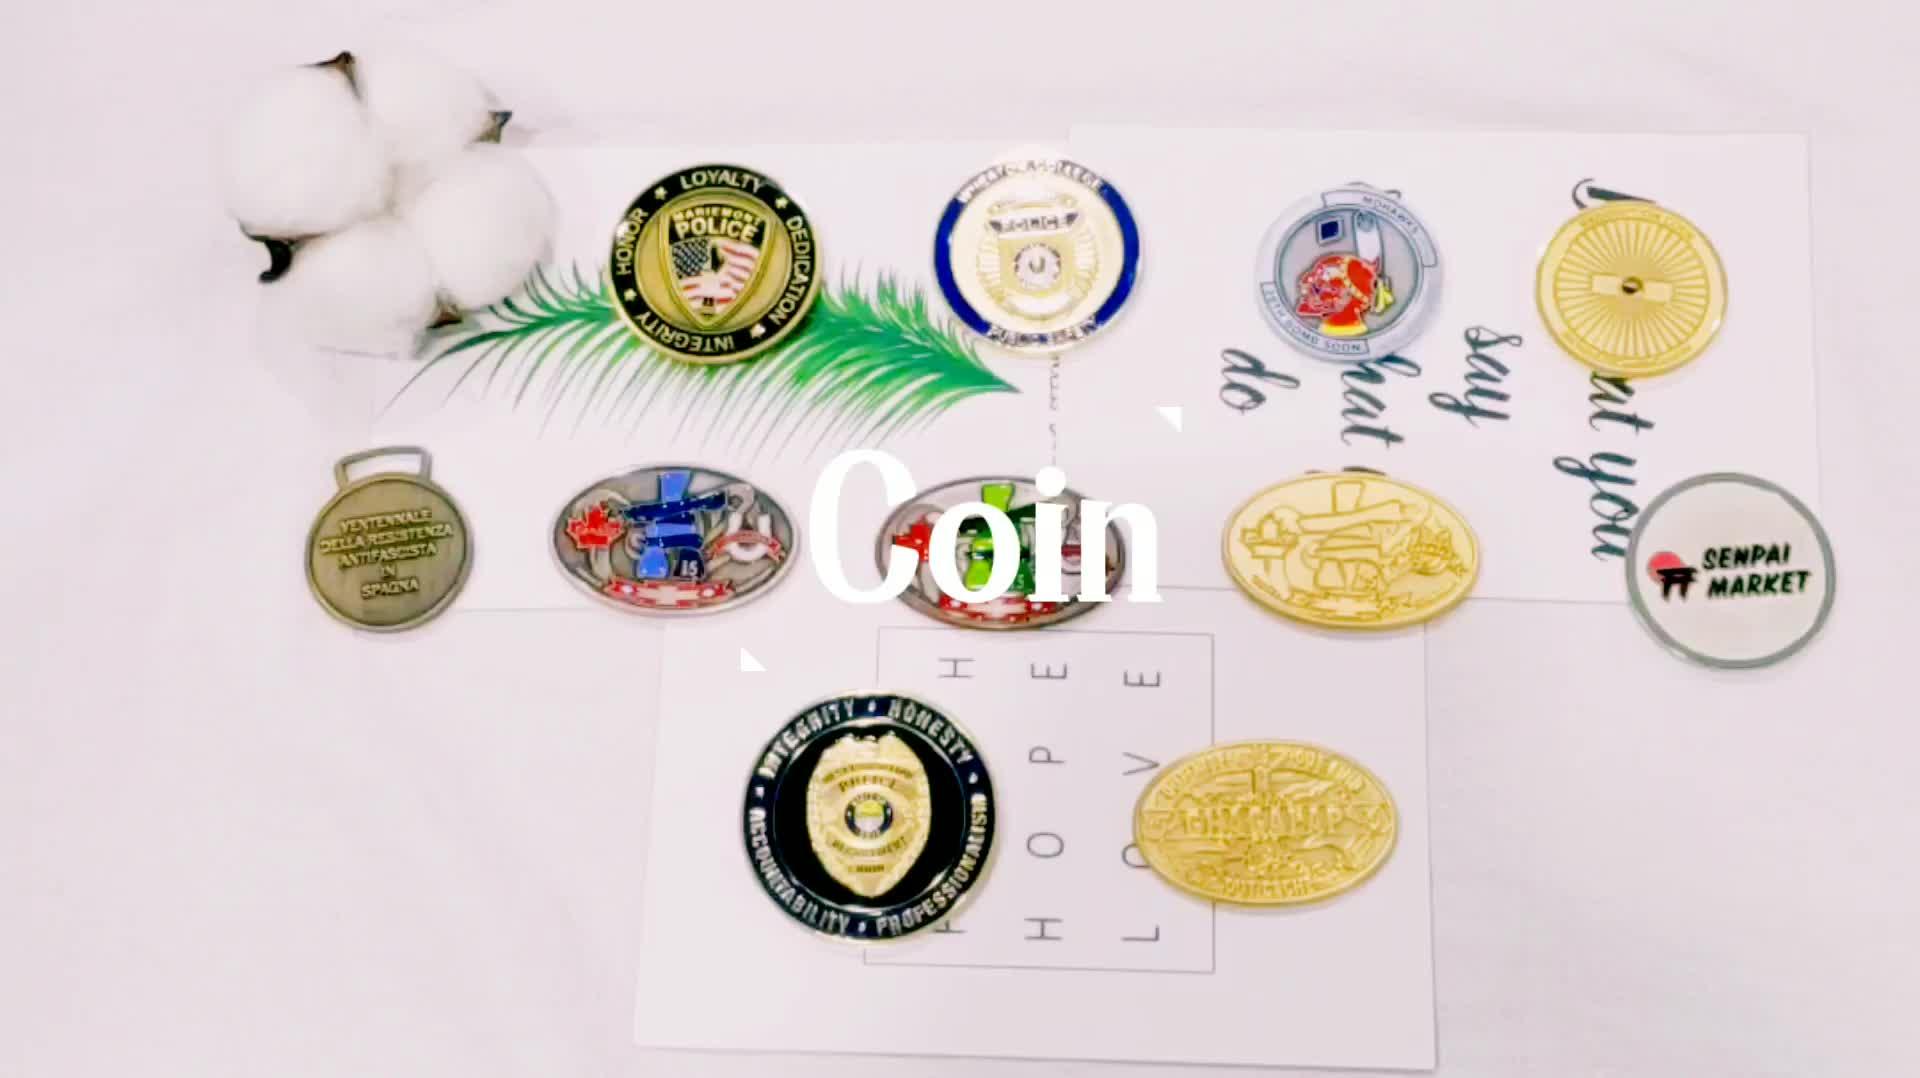 Benutzerdefinierte Metall Münze Oder Herausforderung Oder Souvenir Herausforderung Münzen